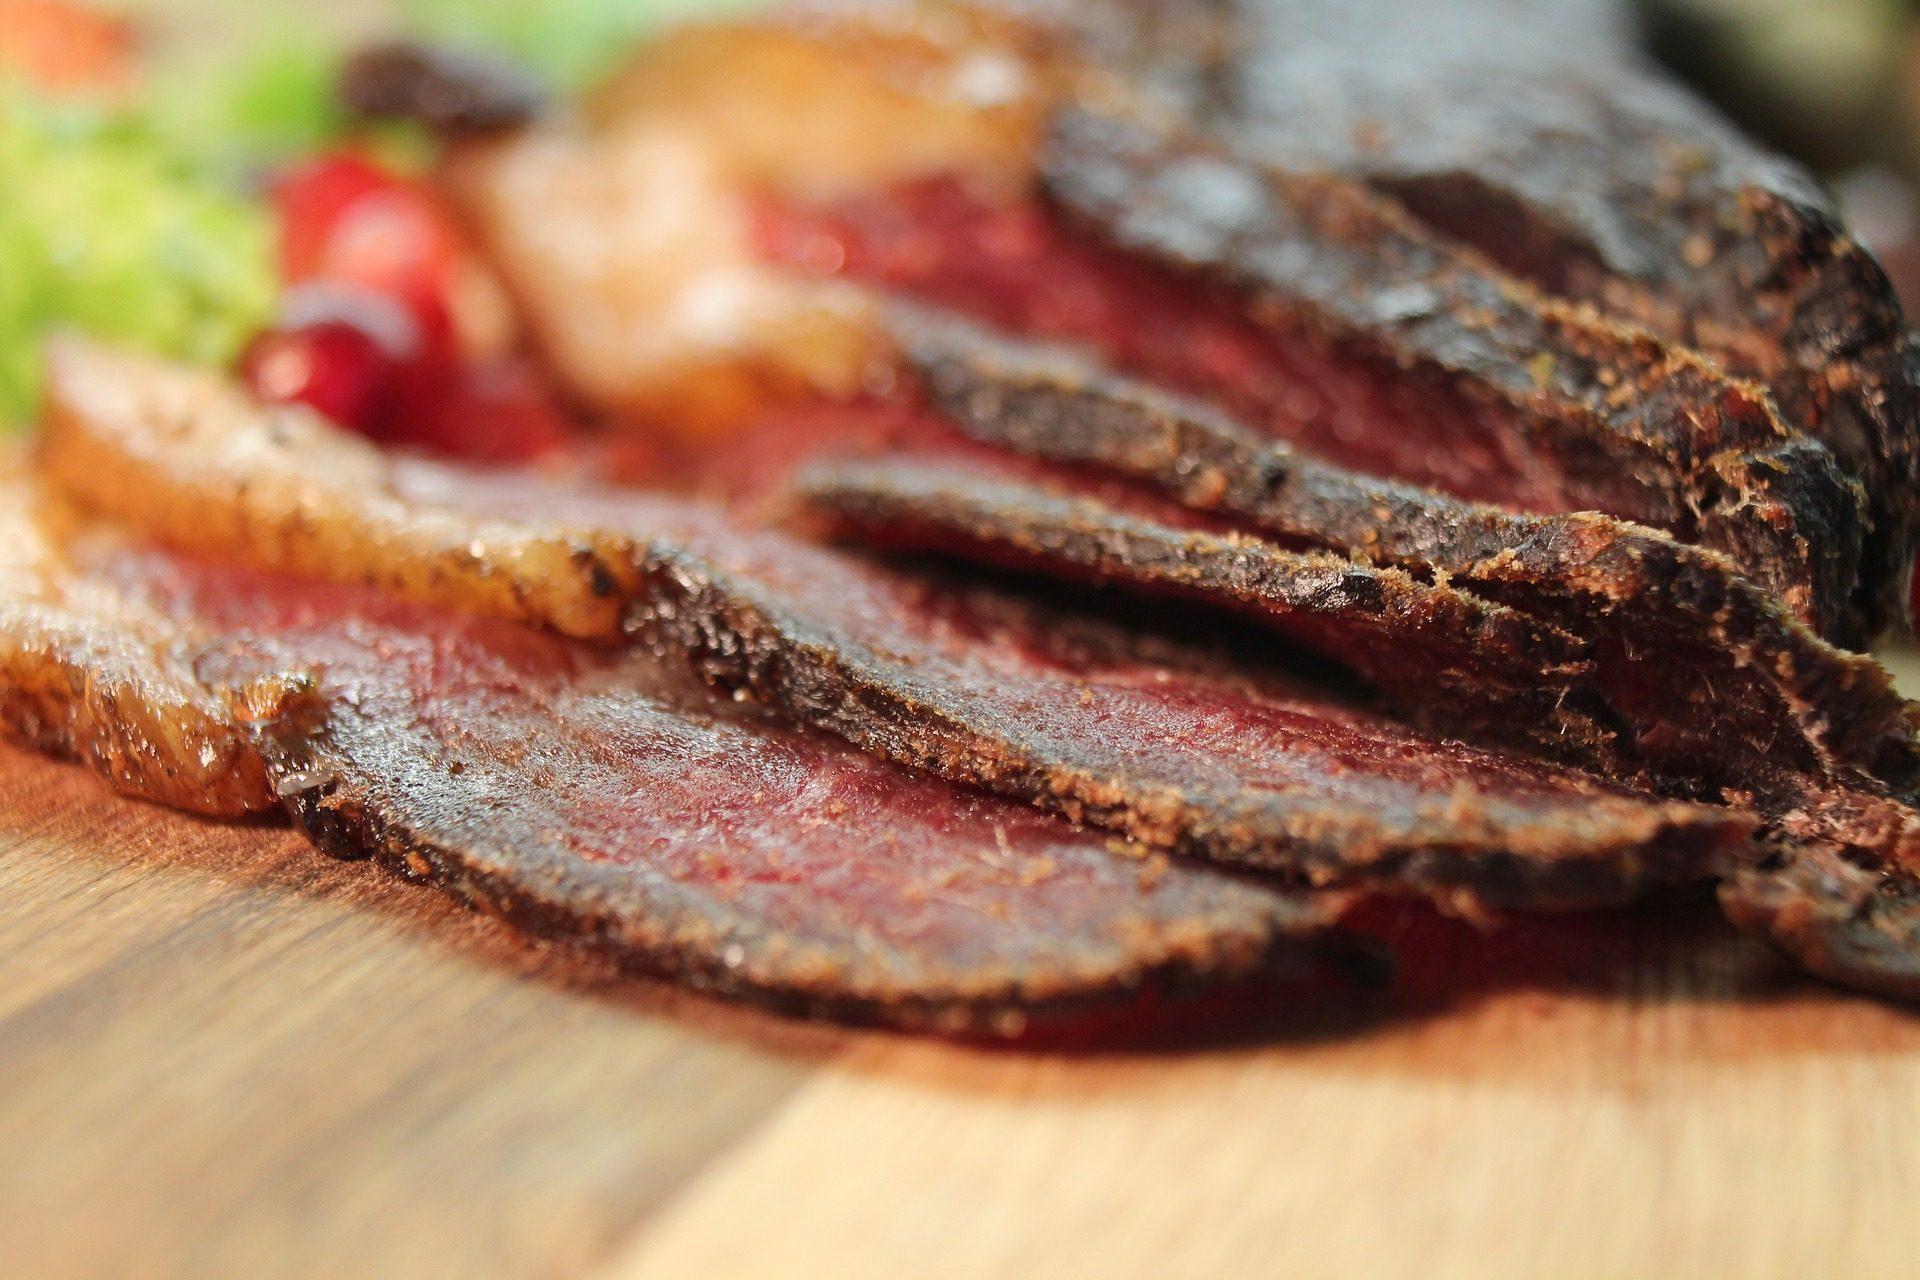 切片, 小牛肉, 肉, seca, 干 - 高清壁纸 - 教授-falken.com